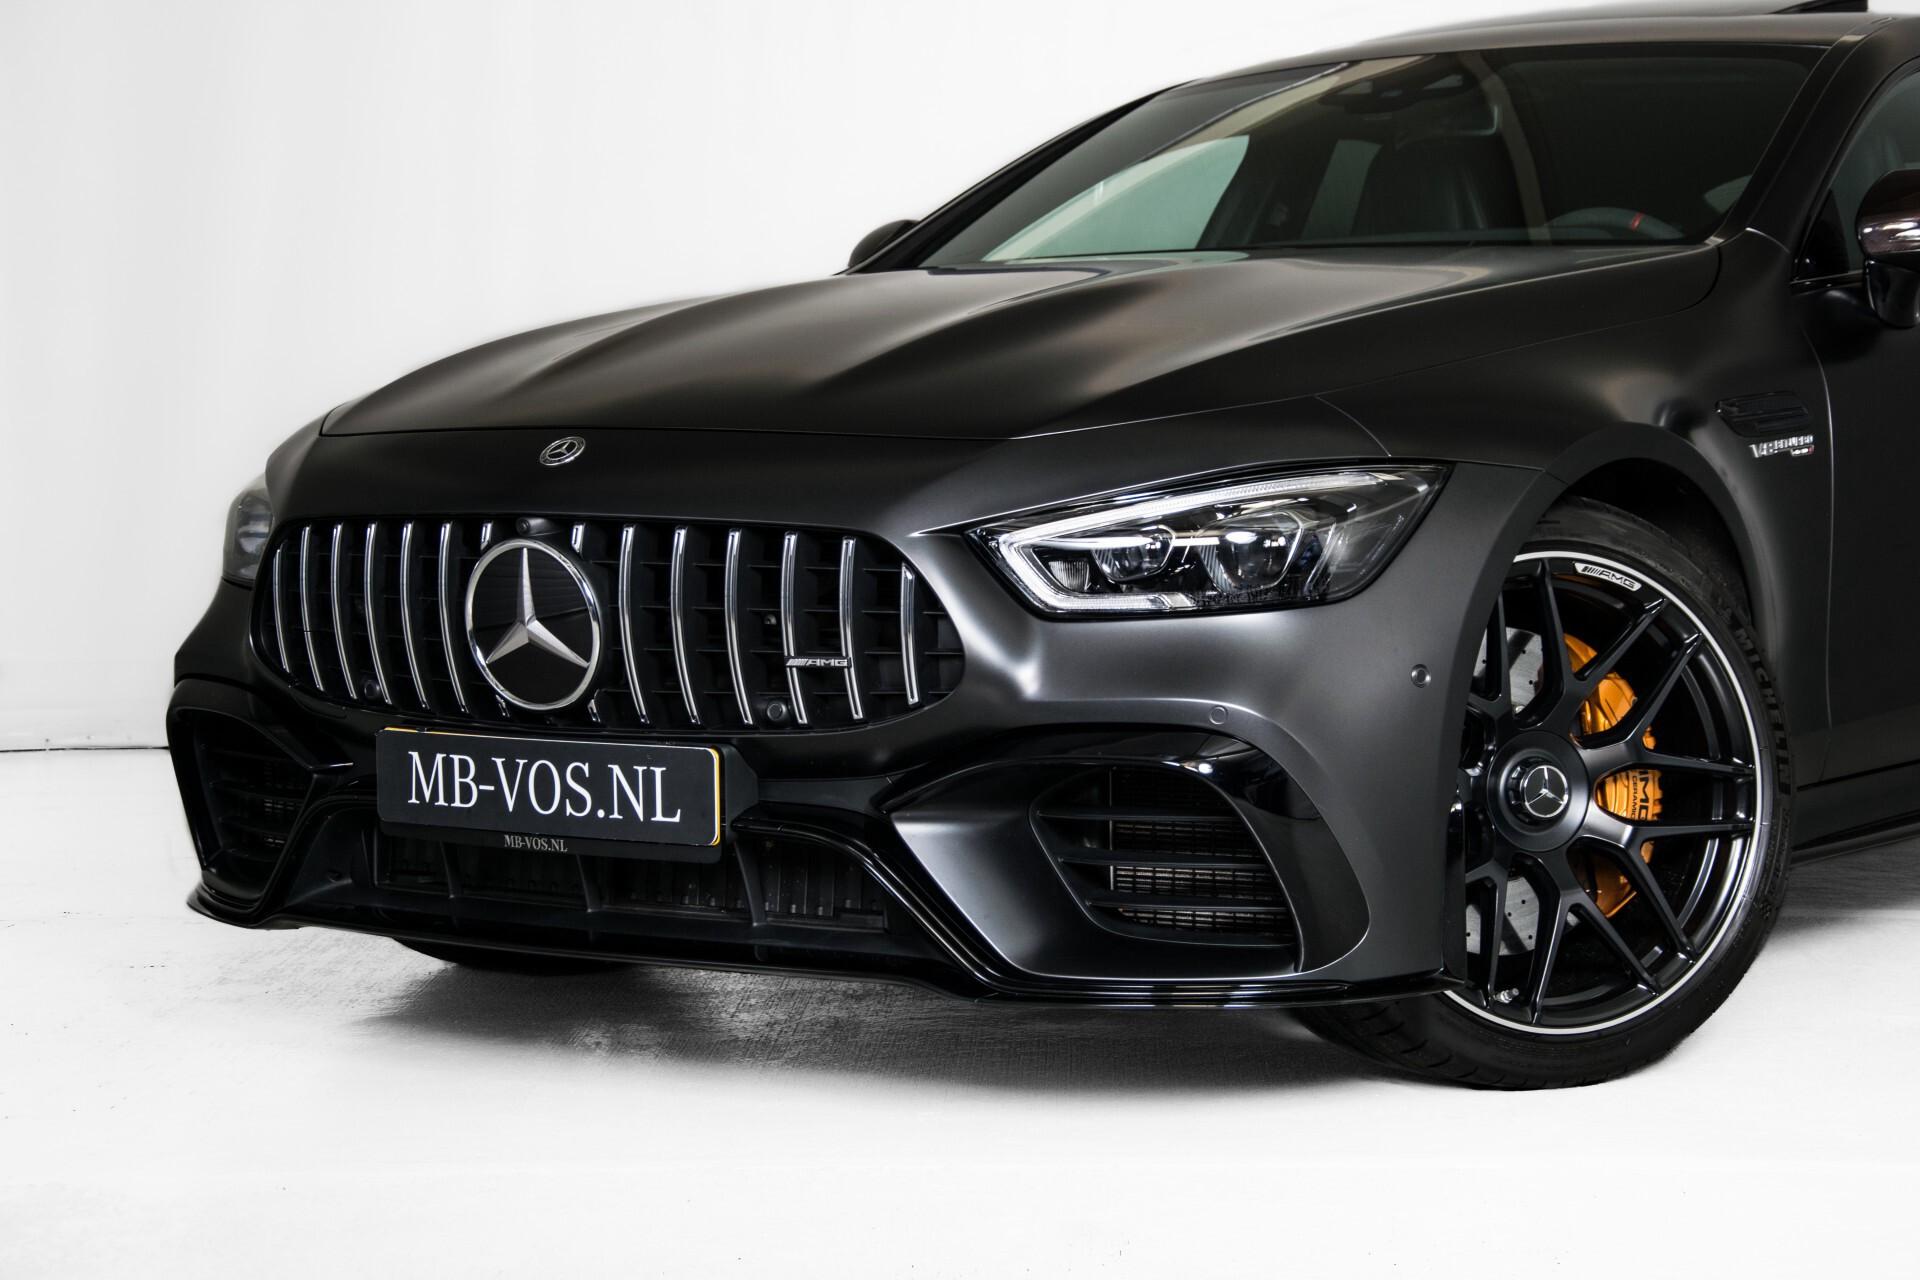 Mercedes-Benz AMG GT 4-Door Coupe 63 S 4M+ Keramisch/Full Carbon/Aerodynamica/Burmester 3D/TV/Performance stoelen/Standkachel Aut9 Foto 77